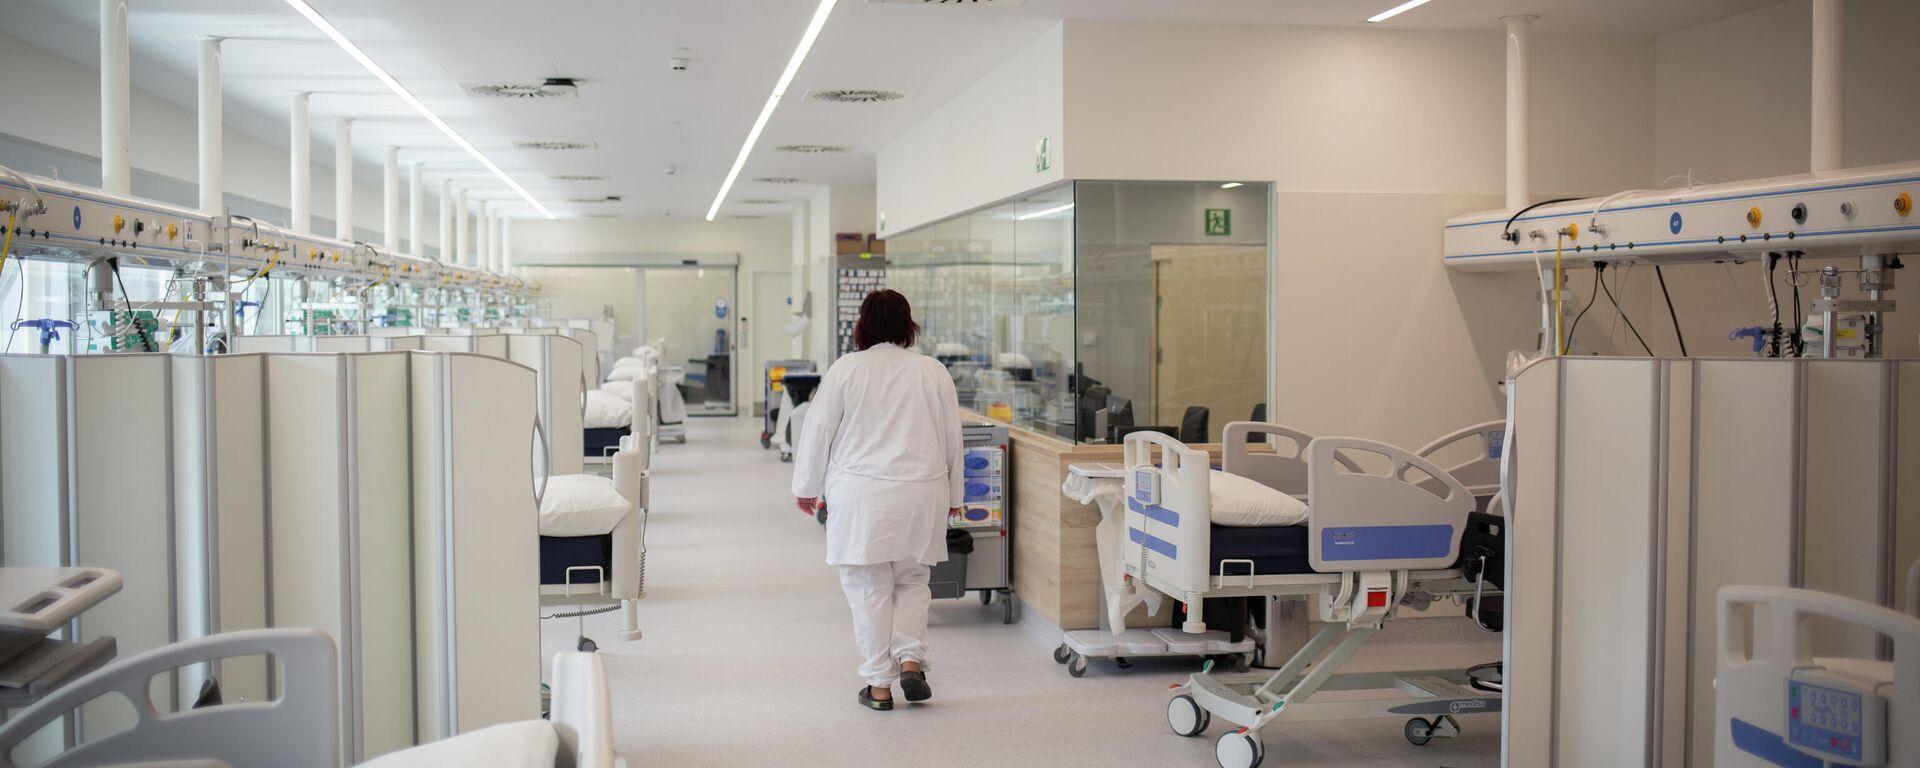 Hospital en España durante brote de coronavirus - Sputnik Mundo, 1920, 13.07.2021